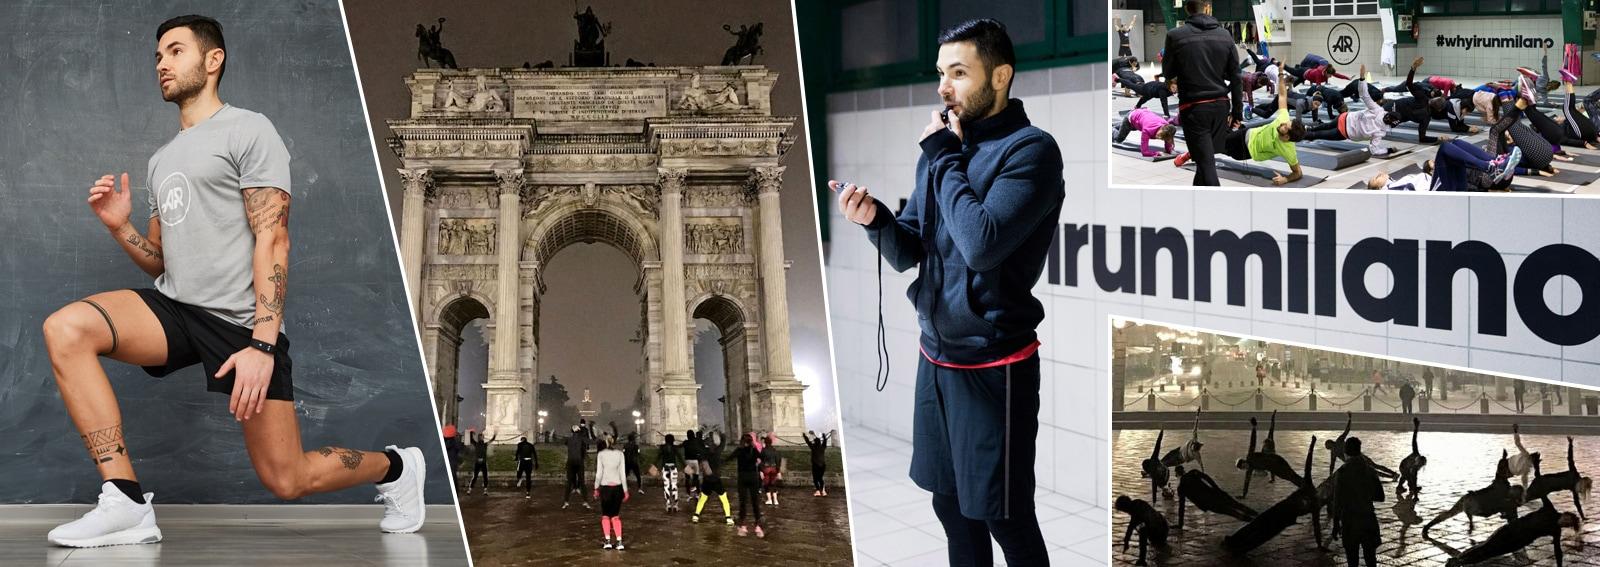 adidas-running-corsa- allenamento-funzionale-coach-saverio-desk